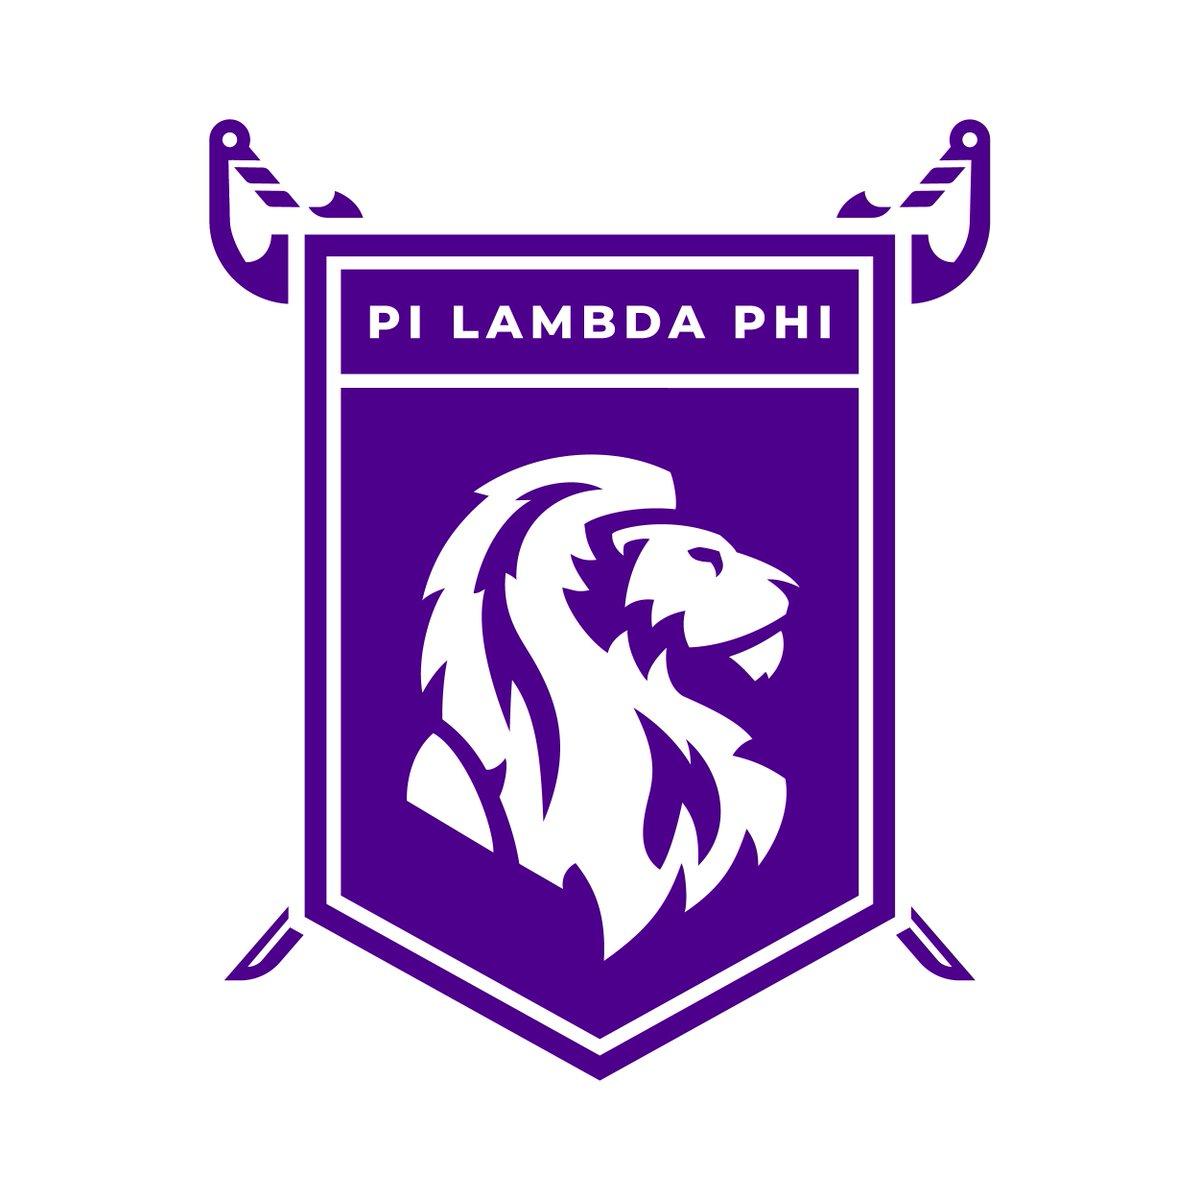 Pi Lambda Phi Iu On Twitter New Marketing And Branding Were Here